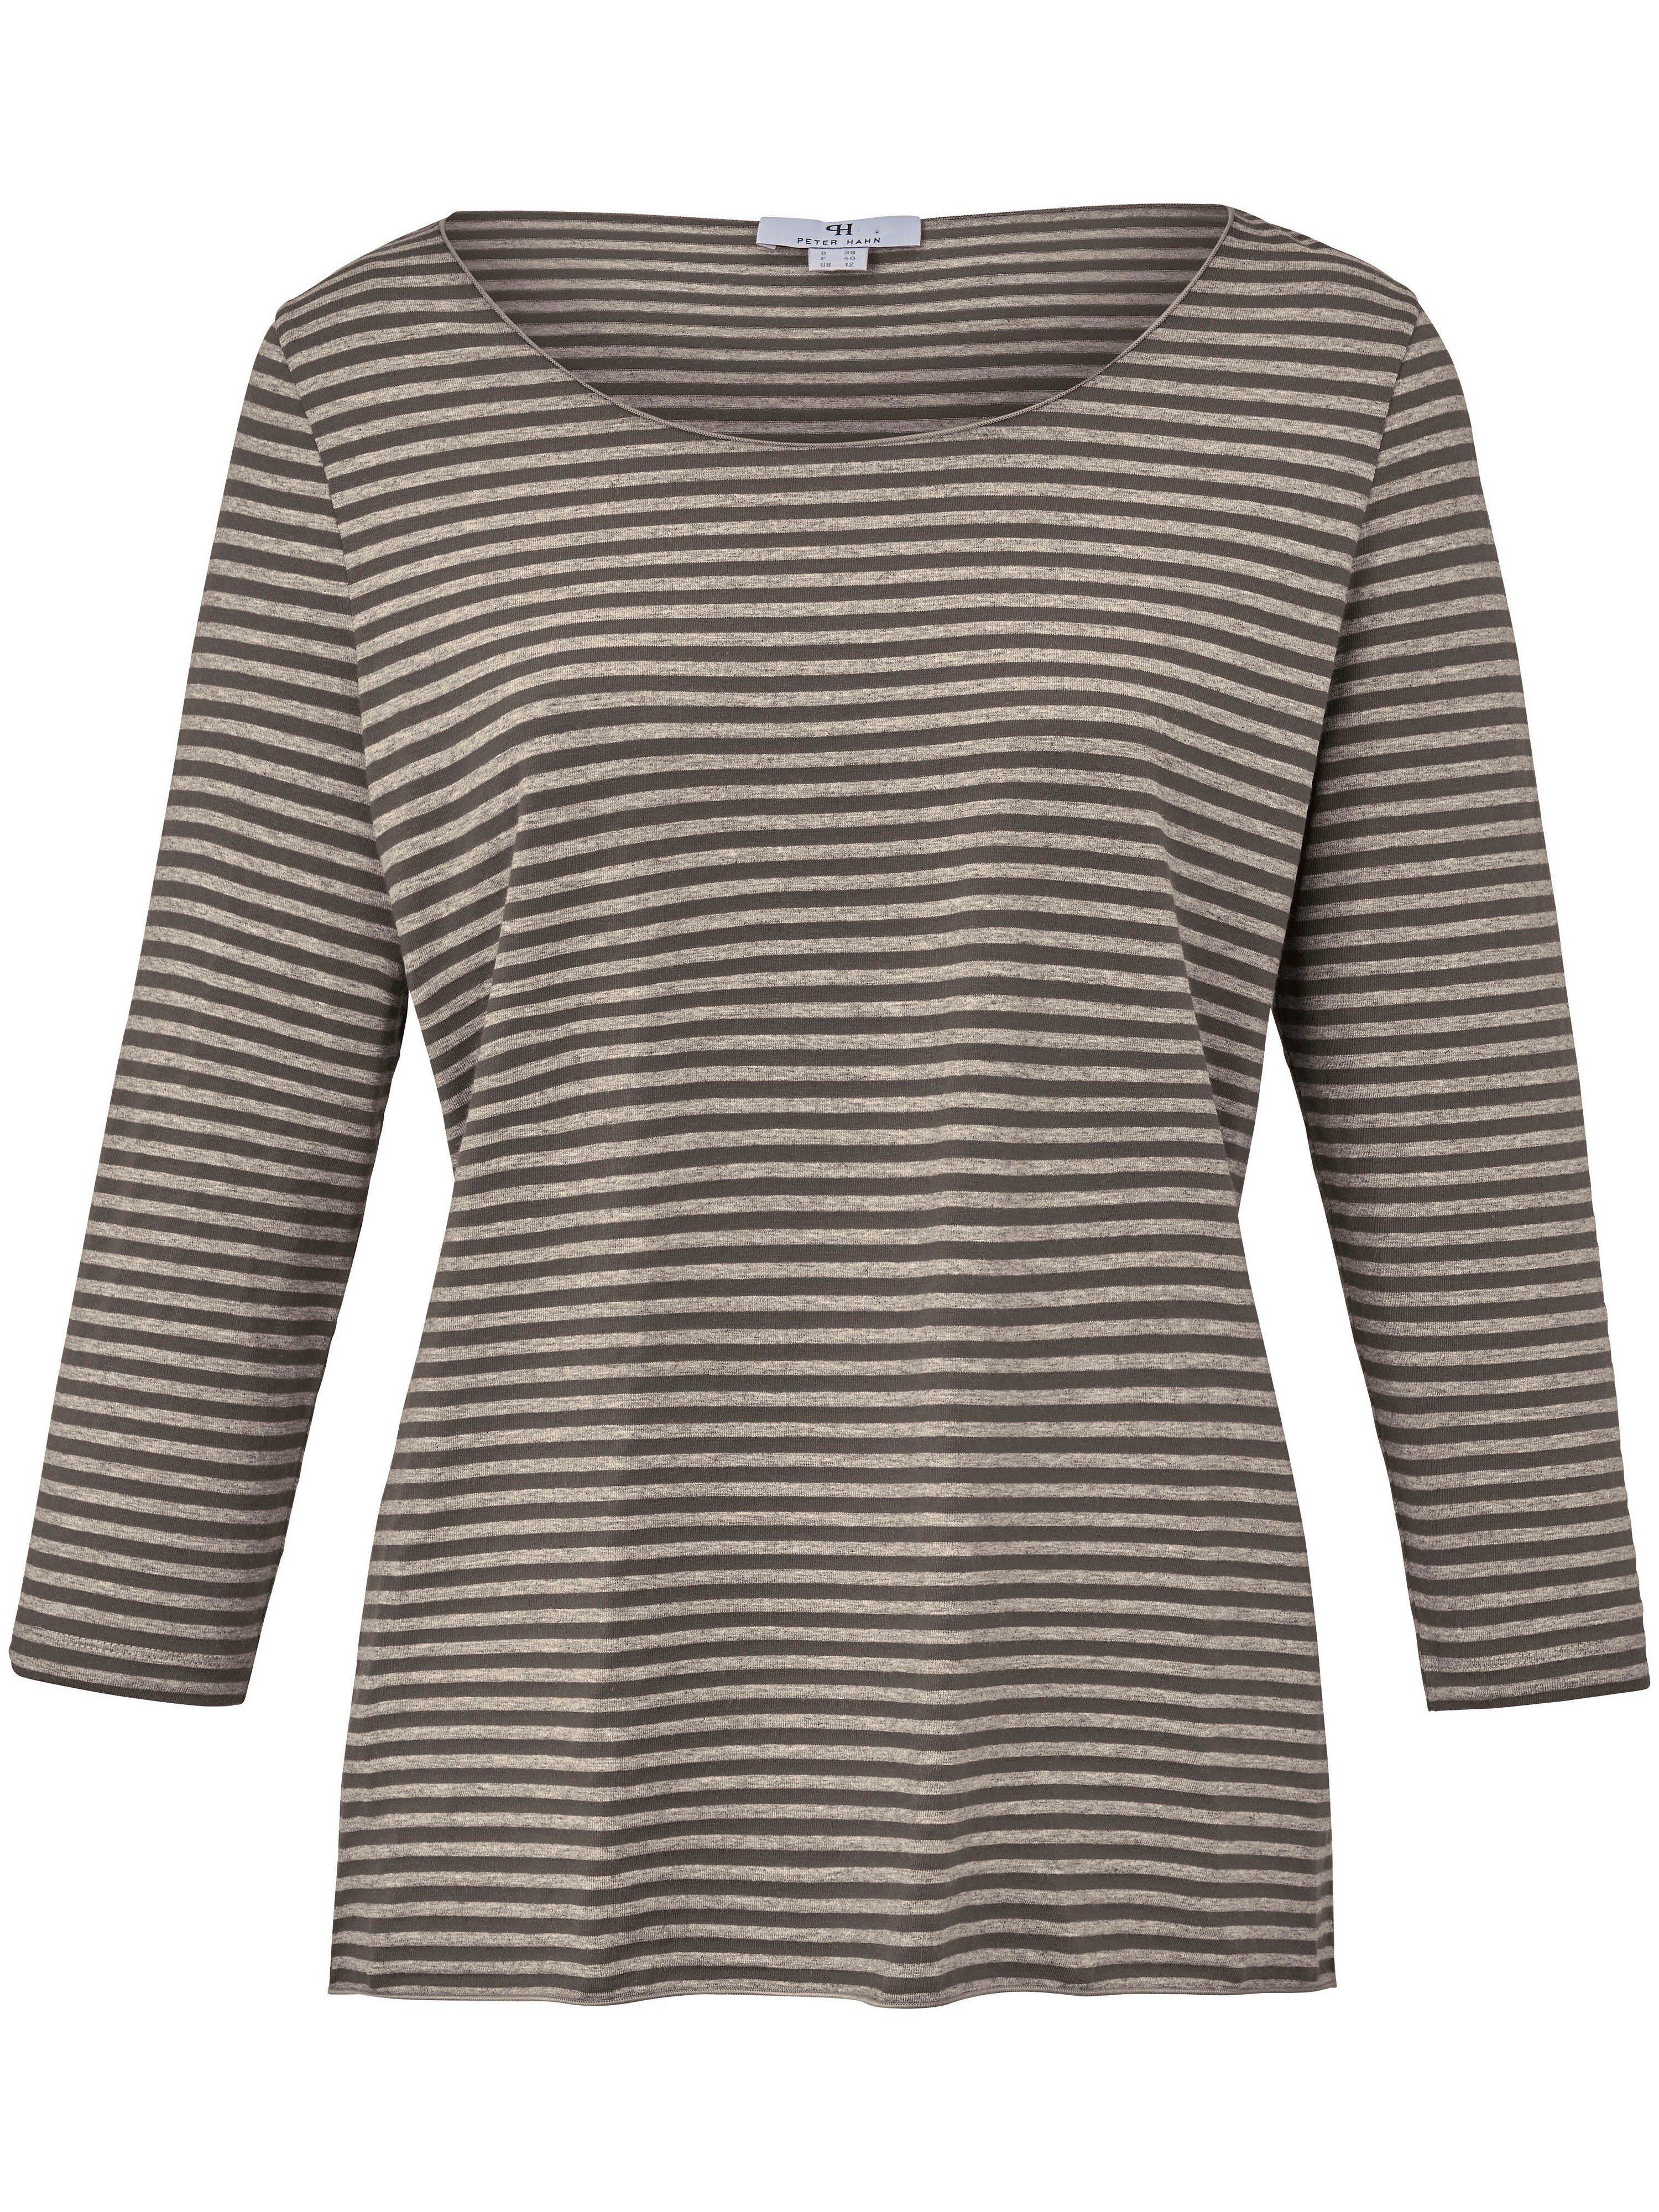 Peter Hahn Le T-shirt finement rayé, manches 3/4  Peter Hahn marron  - Femme - 38